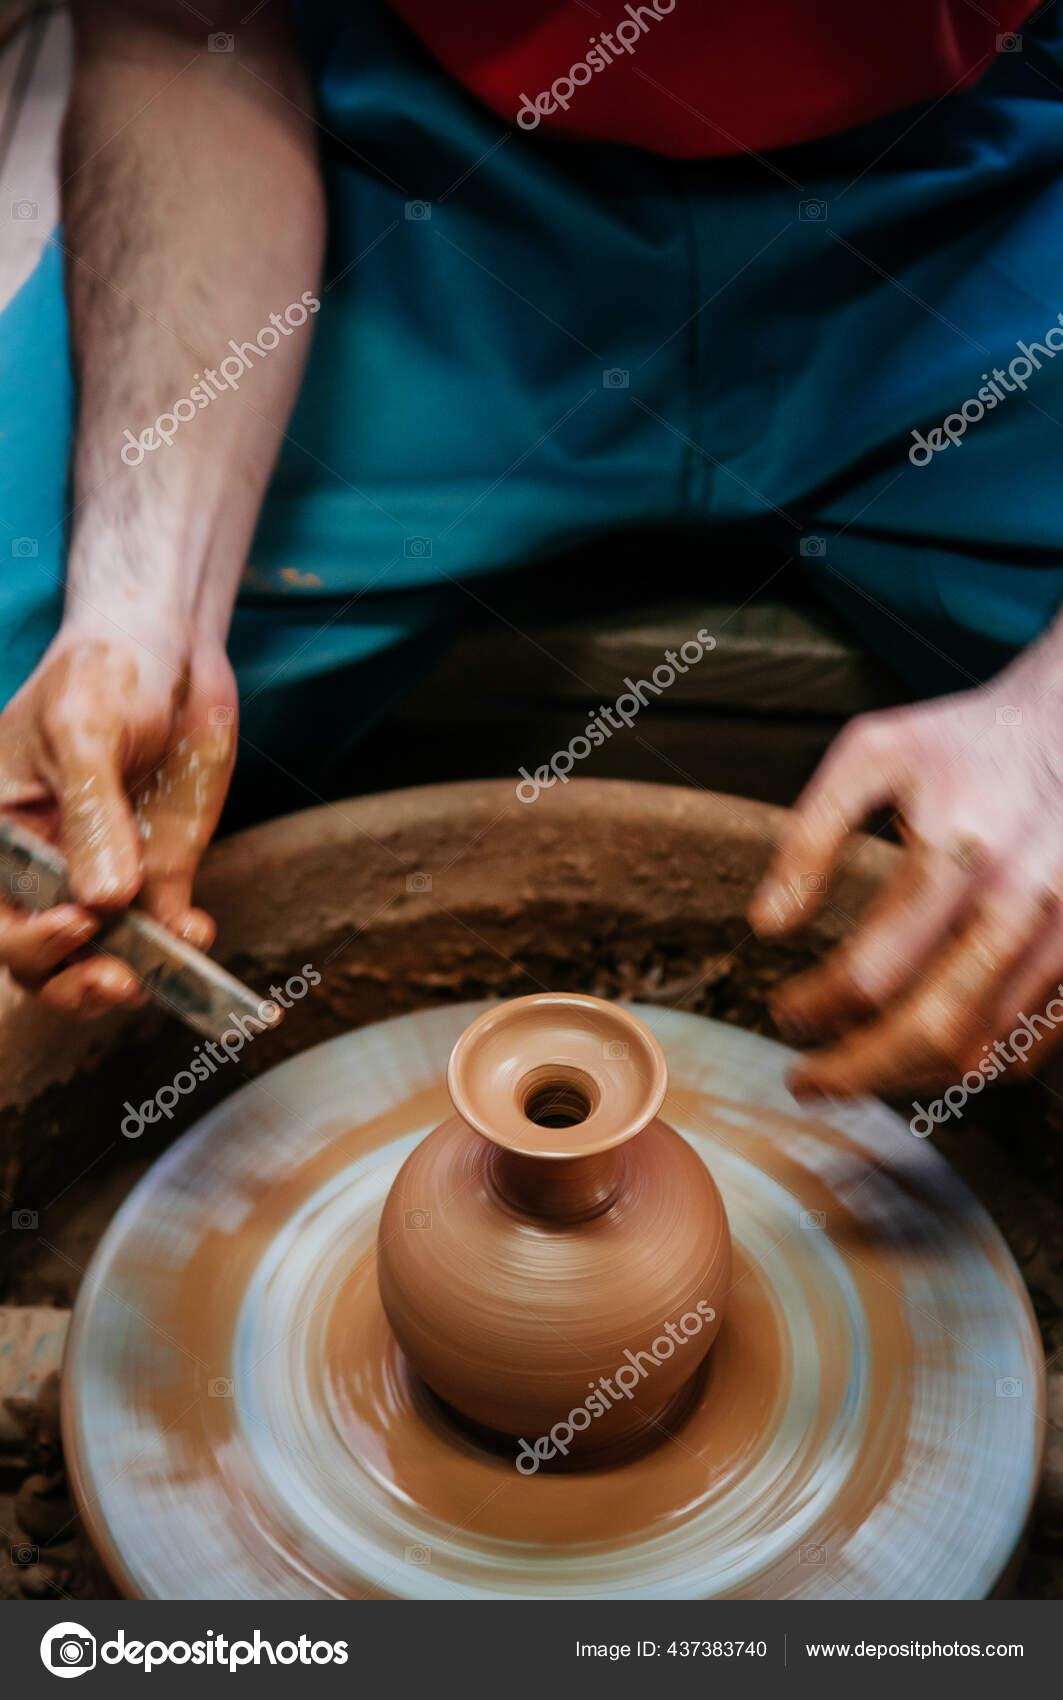 Membuat Tembikar : membuat, tembikar, Okinawa, Japan, Manusia, Membuat, Tembikar, Editorial, PixHound, #437383740